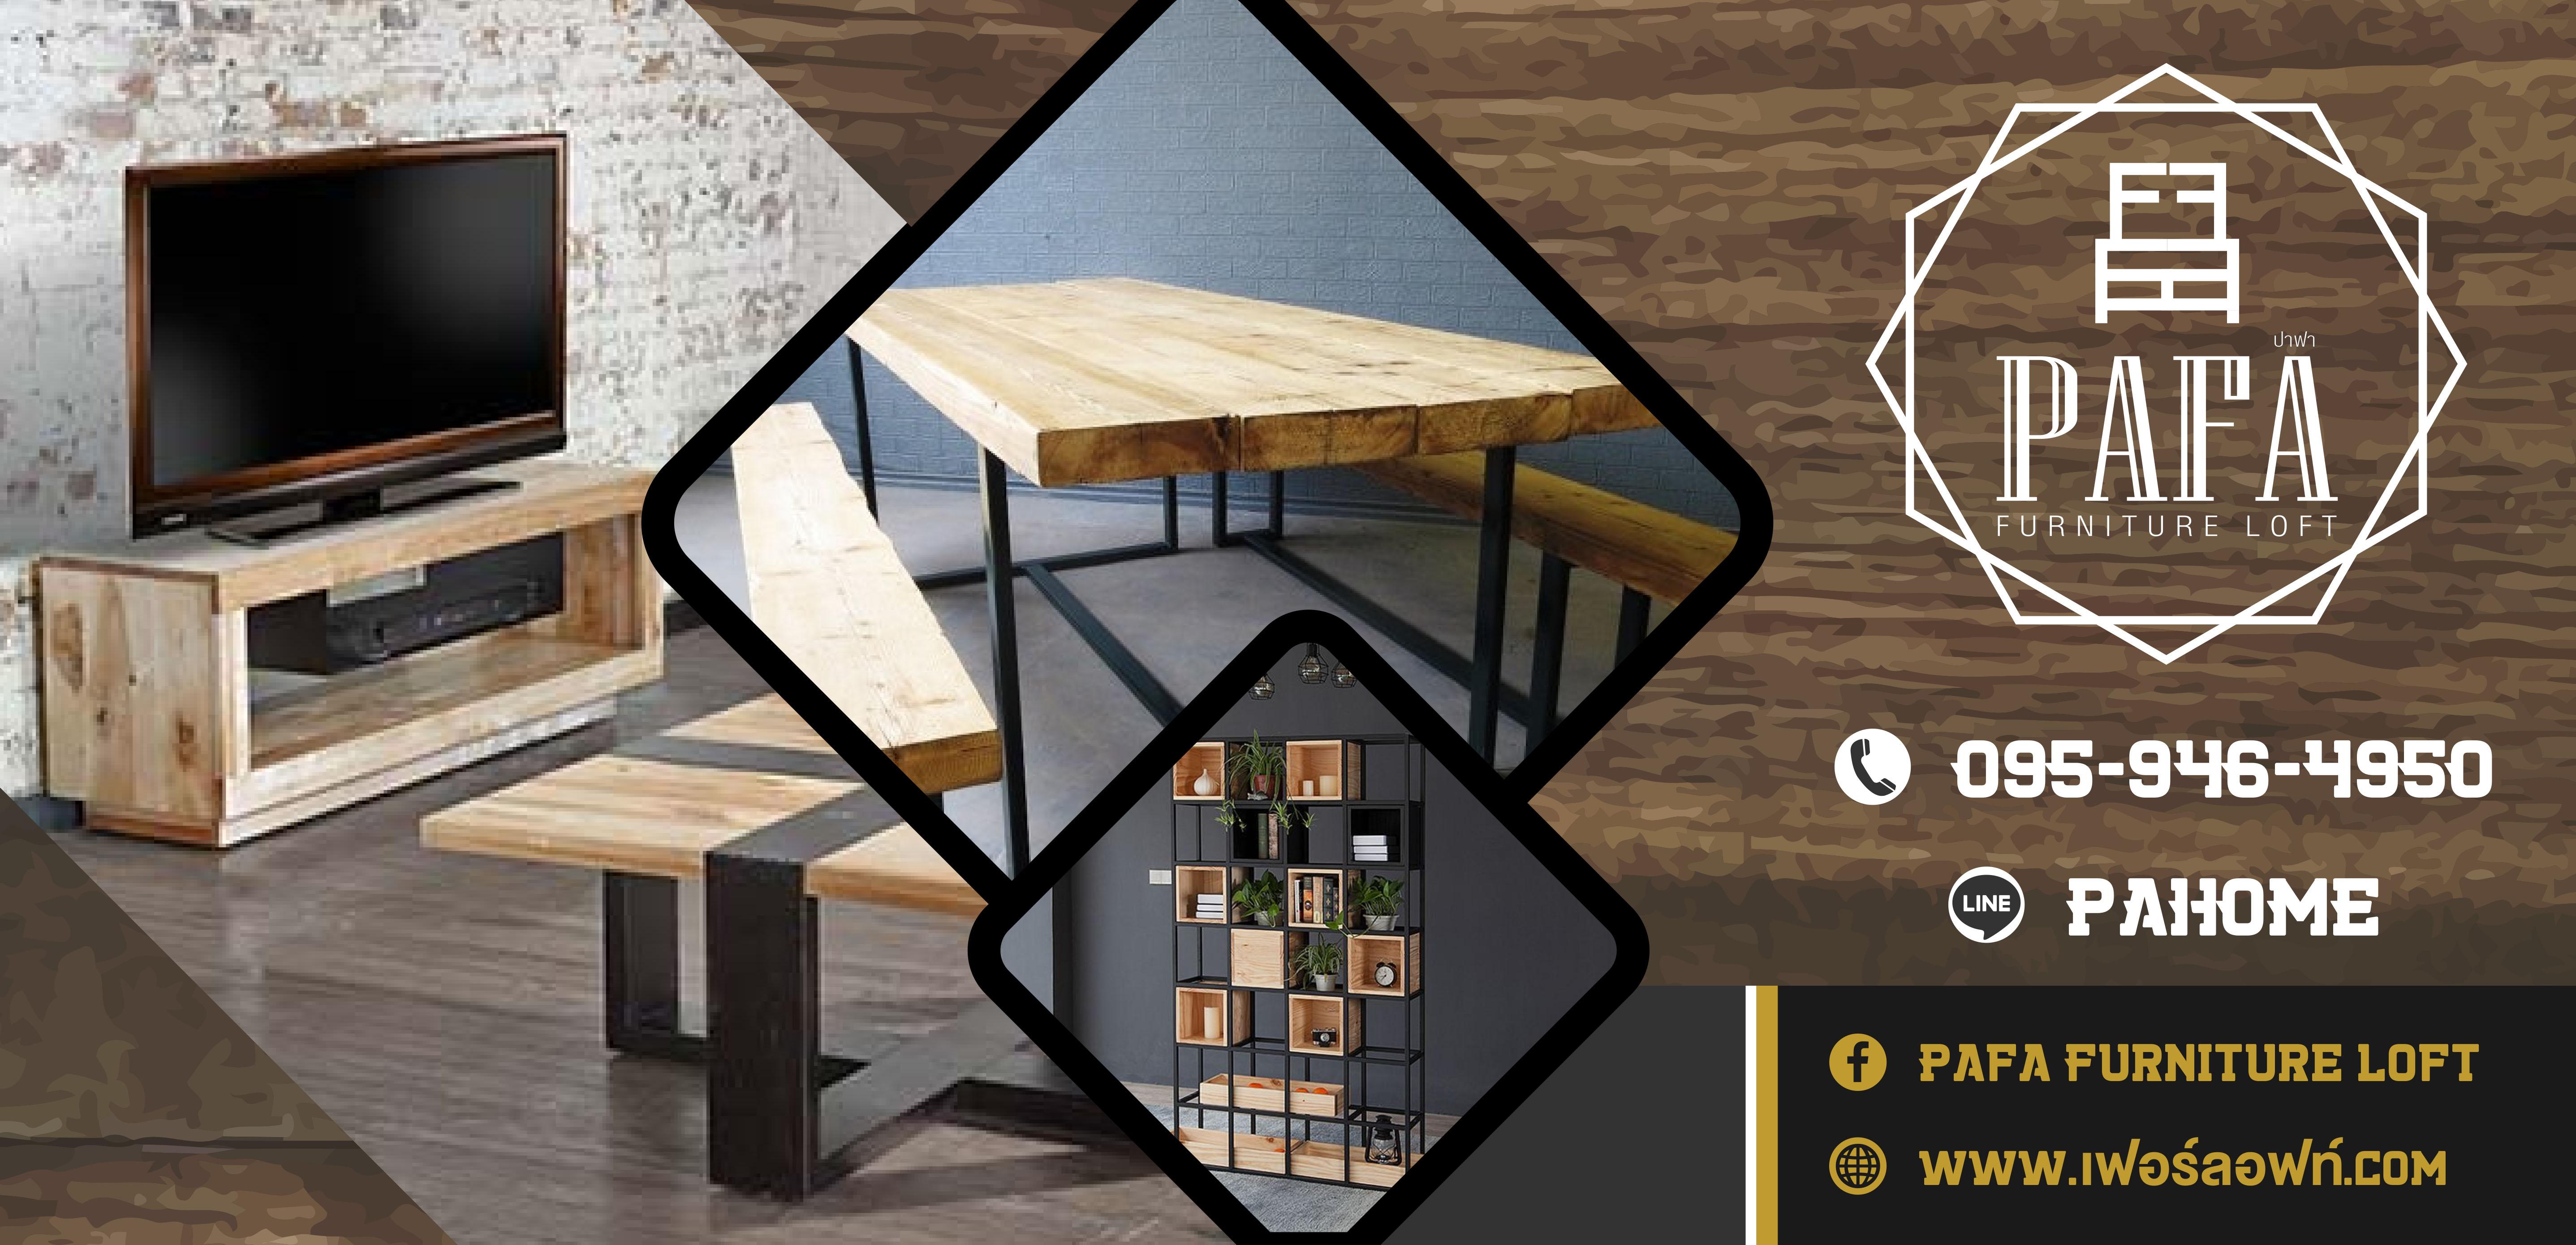 รับผลิต และจำหน่าย เฟอร์นิเจอร์บิ้วอิน งานลอฟท์ โต๊ะ ตู้ เตียง เก้าอี้ราคาถูก